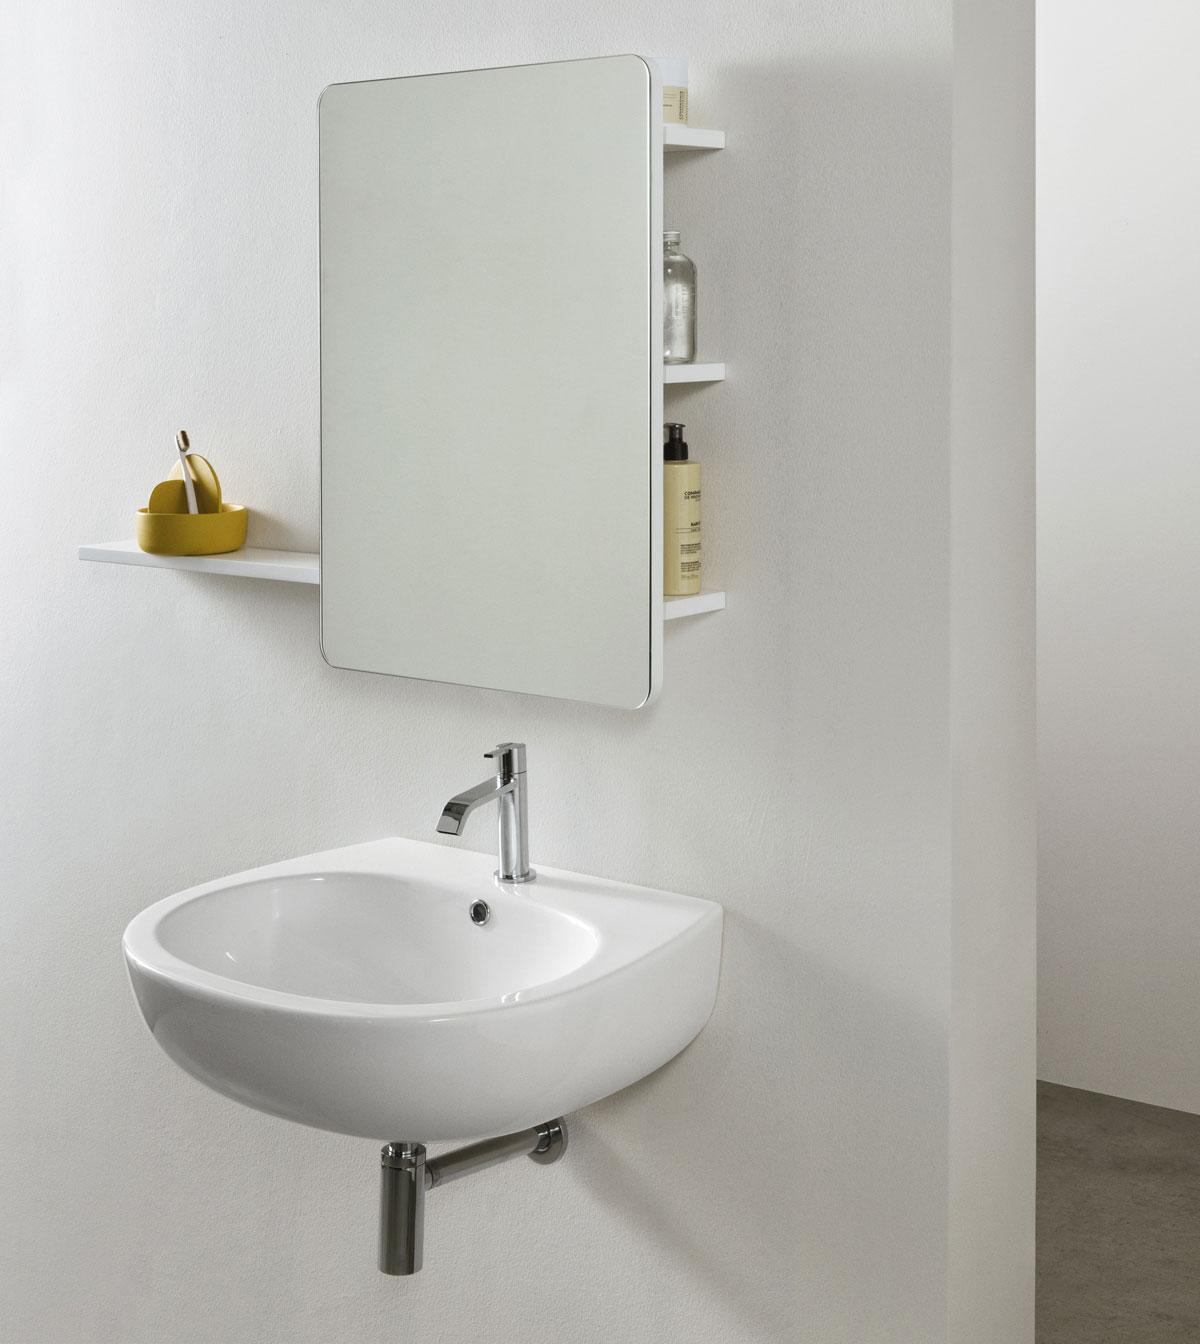 lavabo suspendu céramique blanc coloré nic design milk